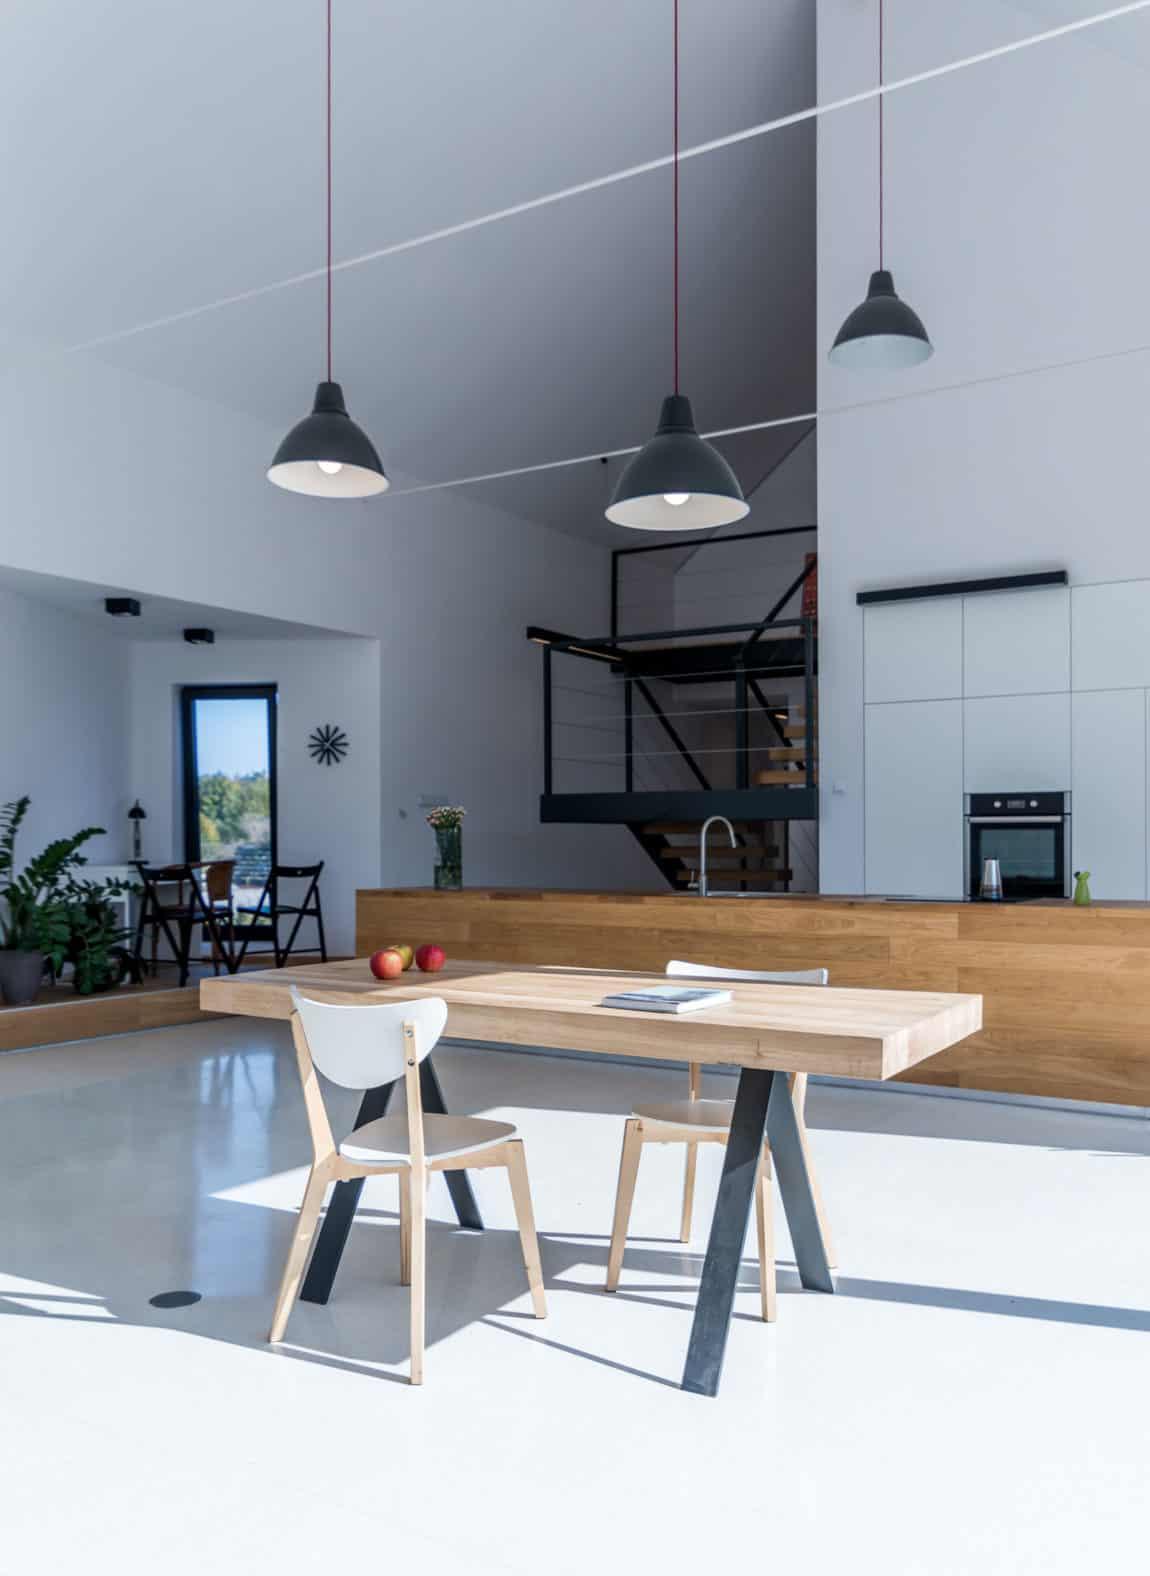 House in the Landscape by Kropka Studio (19)